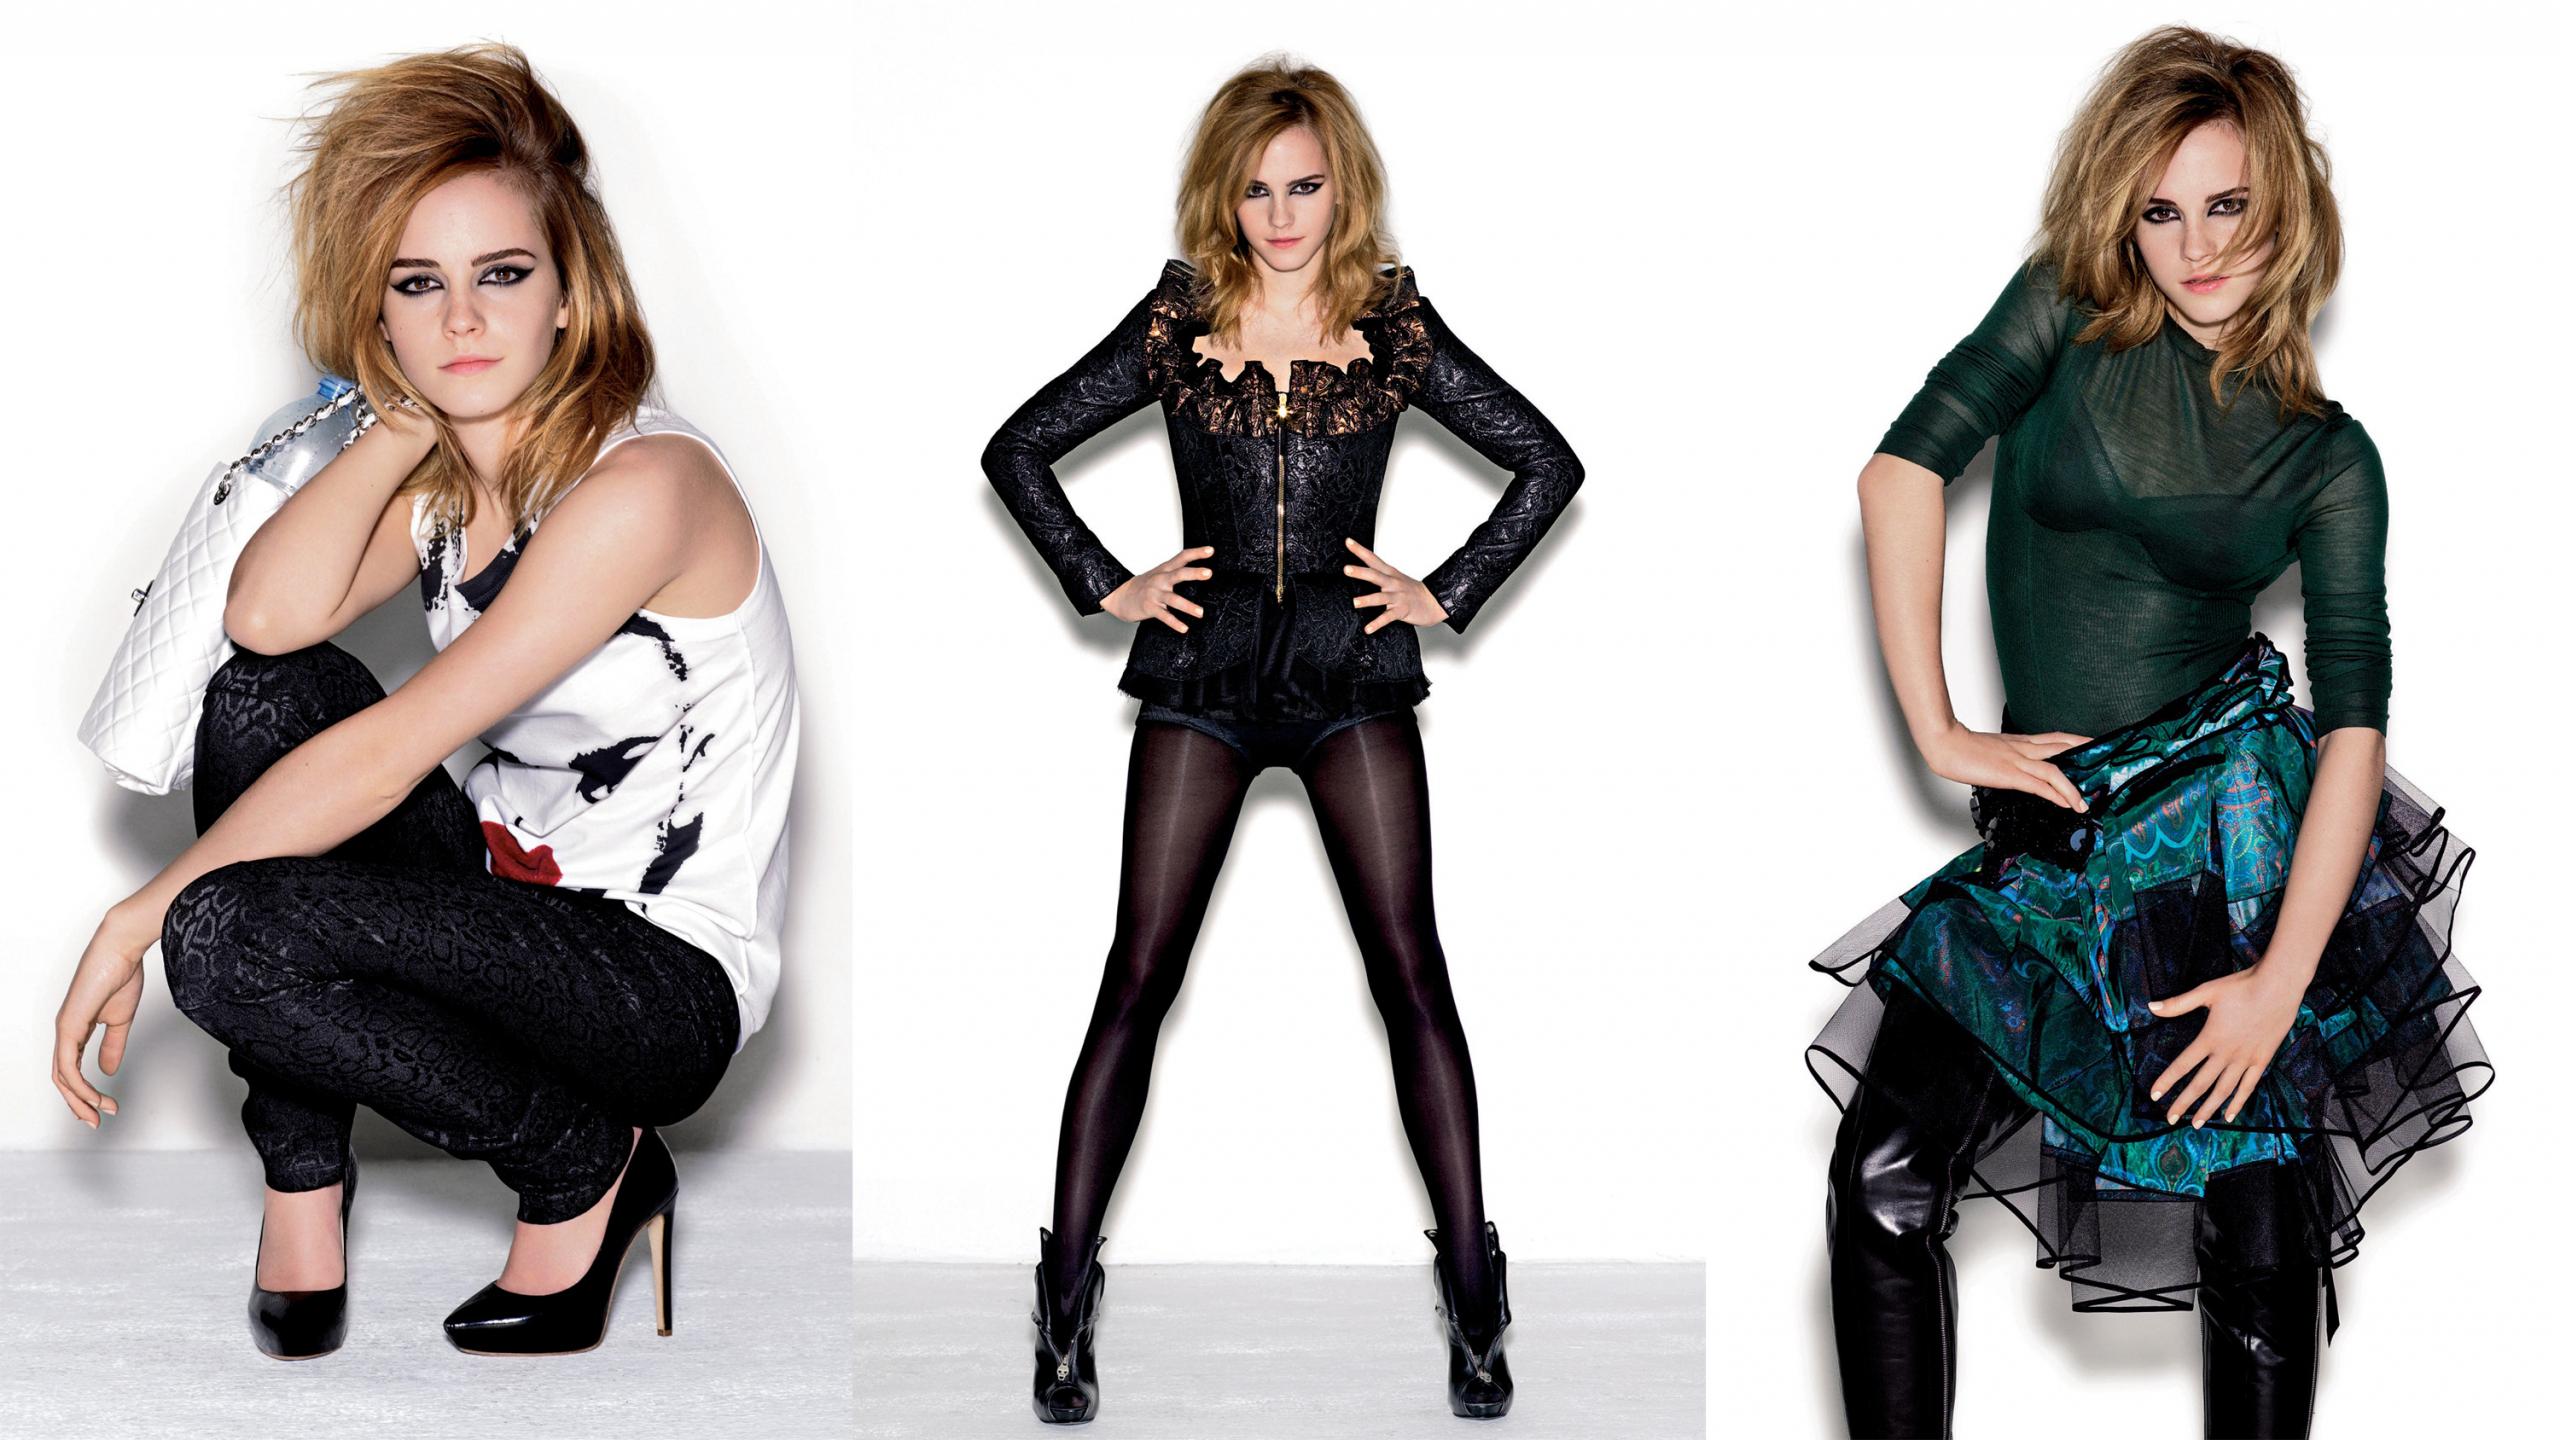 Watson latex emma Emma Watson